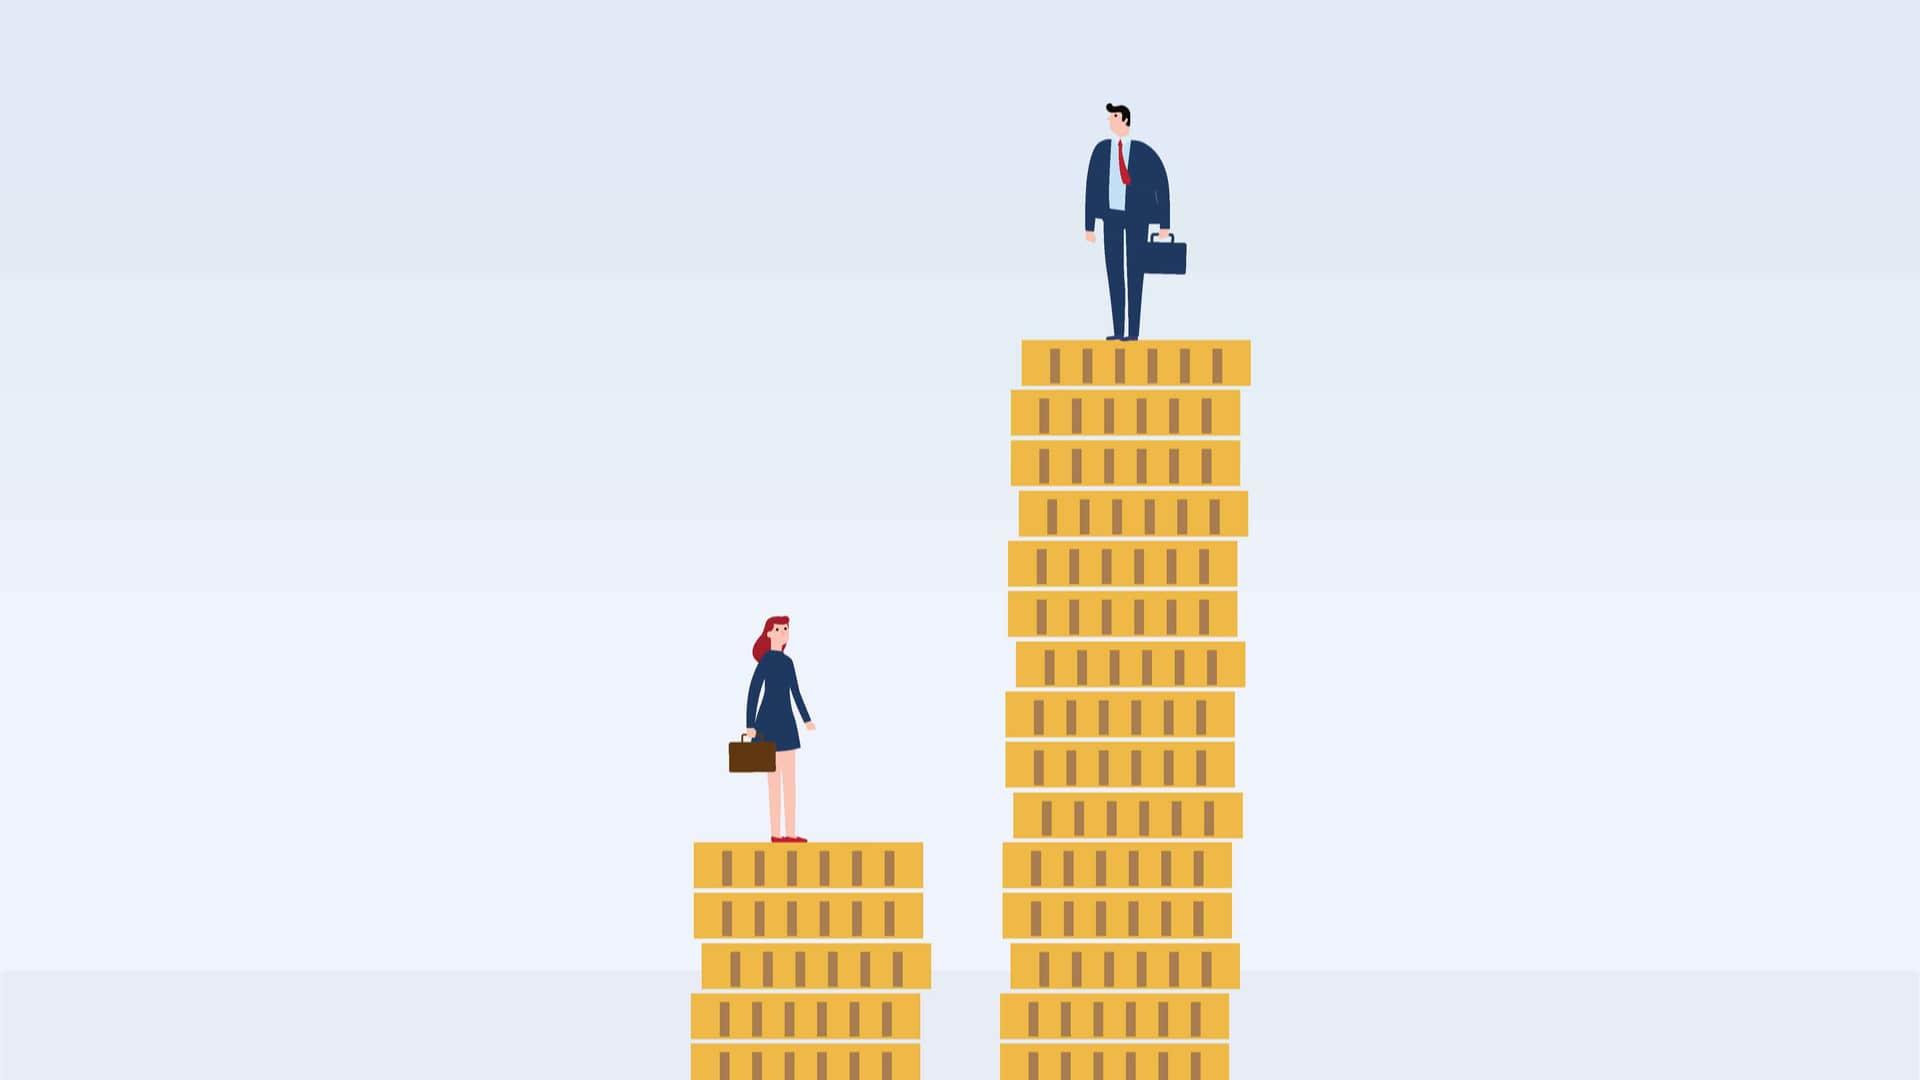 特定処遇改善加算とは?介護福祉士の給料まで徹底解説!